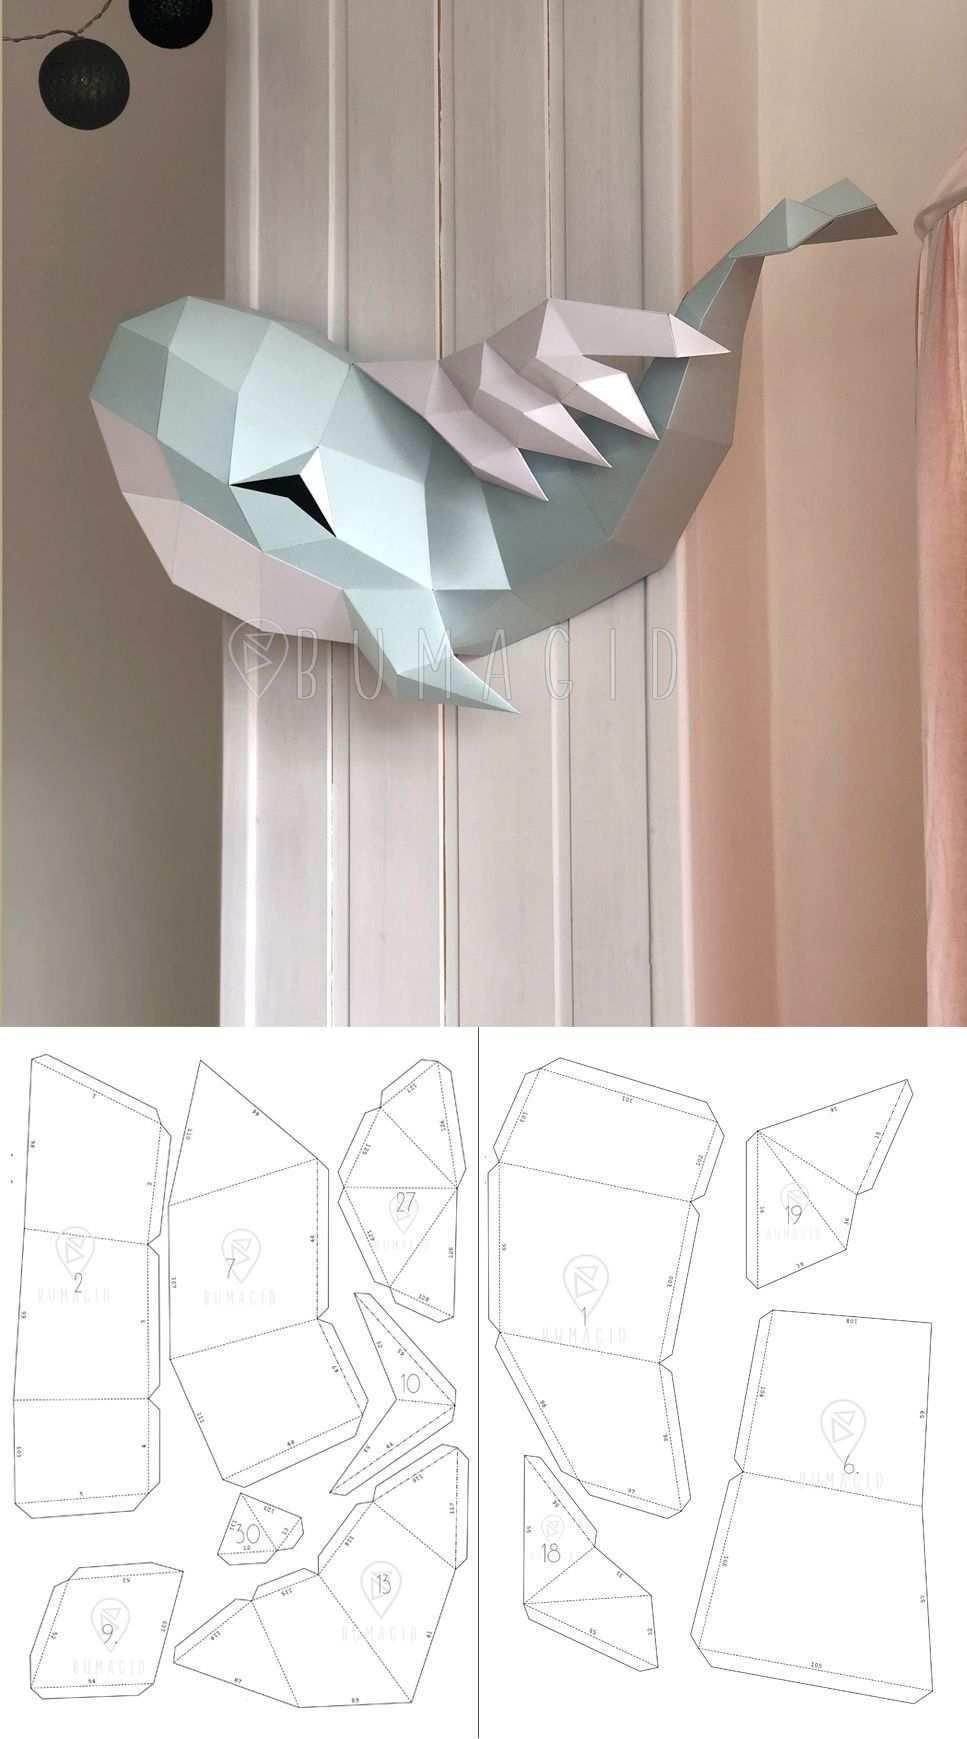 Pin Von Angel Santi C Auf Armables In 2020 3d Papier Handwerk Papier Basteln Ideen Basteln Mit Papier Origami